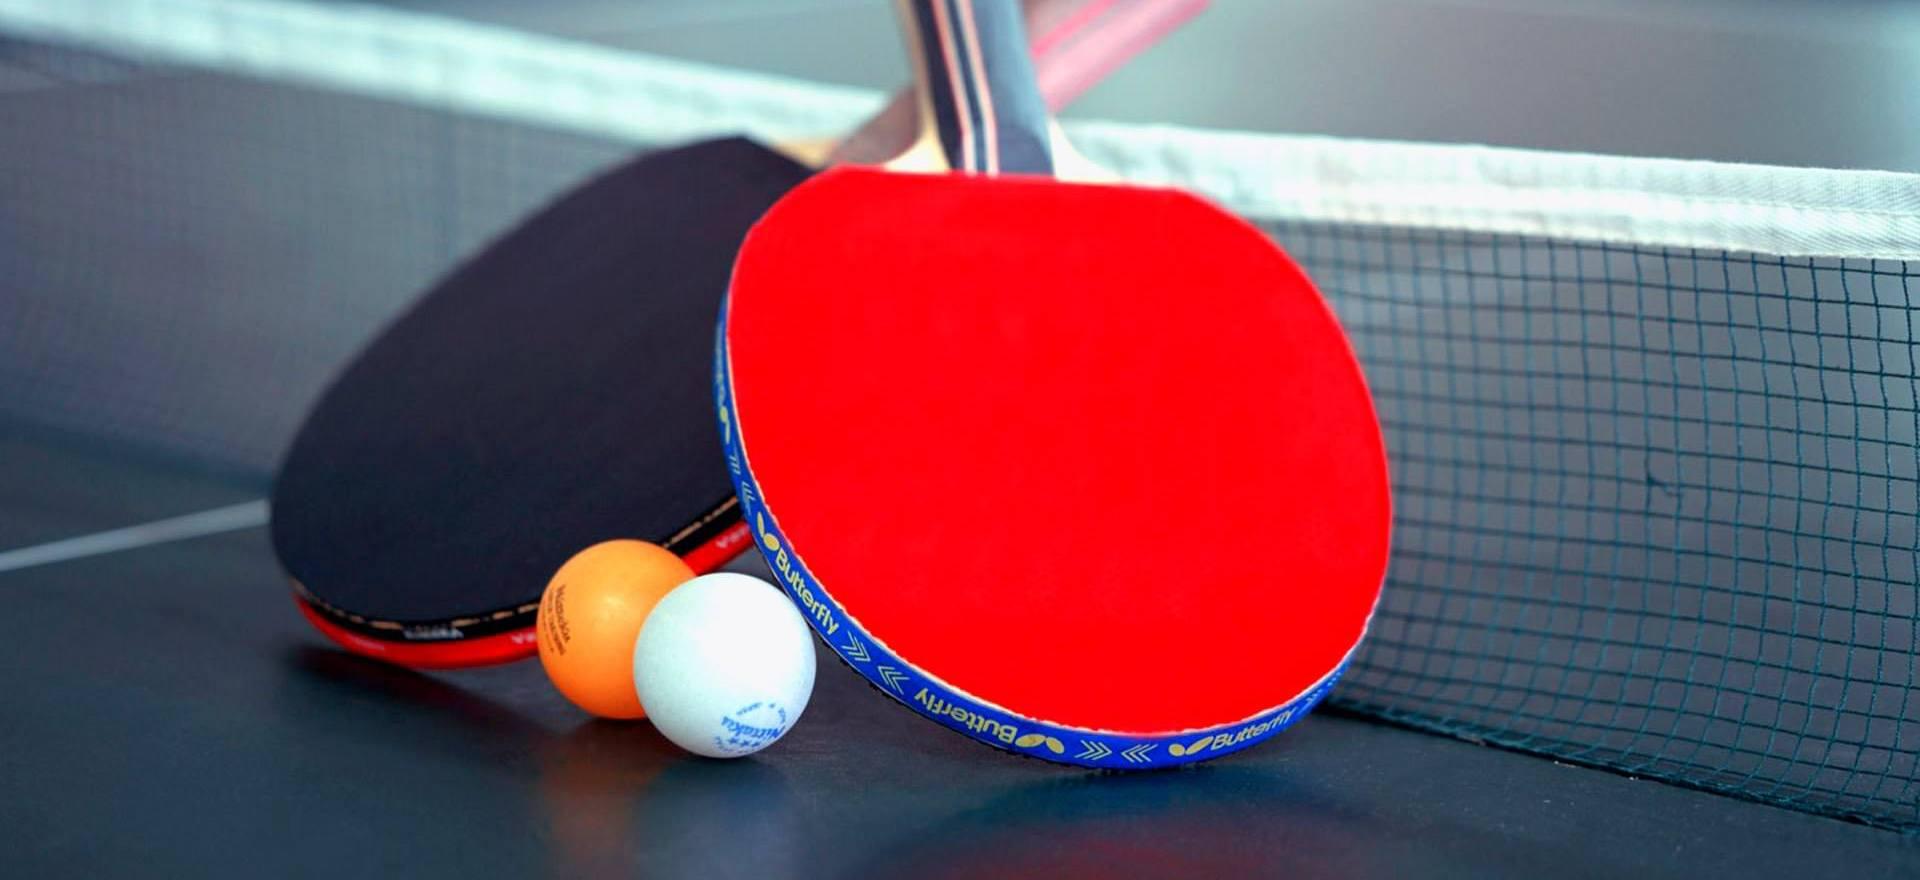 Masa tenisi iddaa tahminleri - masa tenisi iddaa 24 Kasım 2020